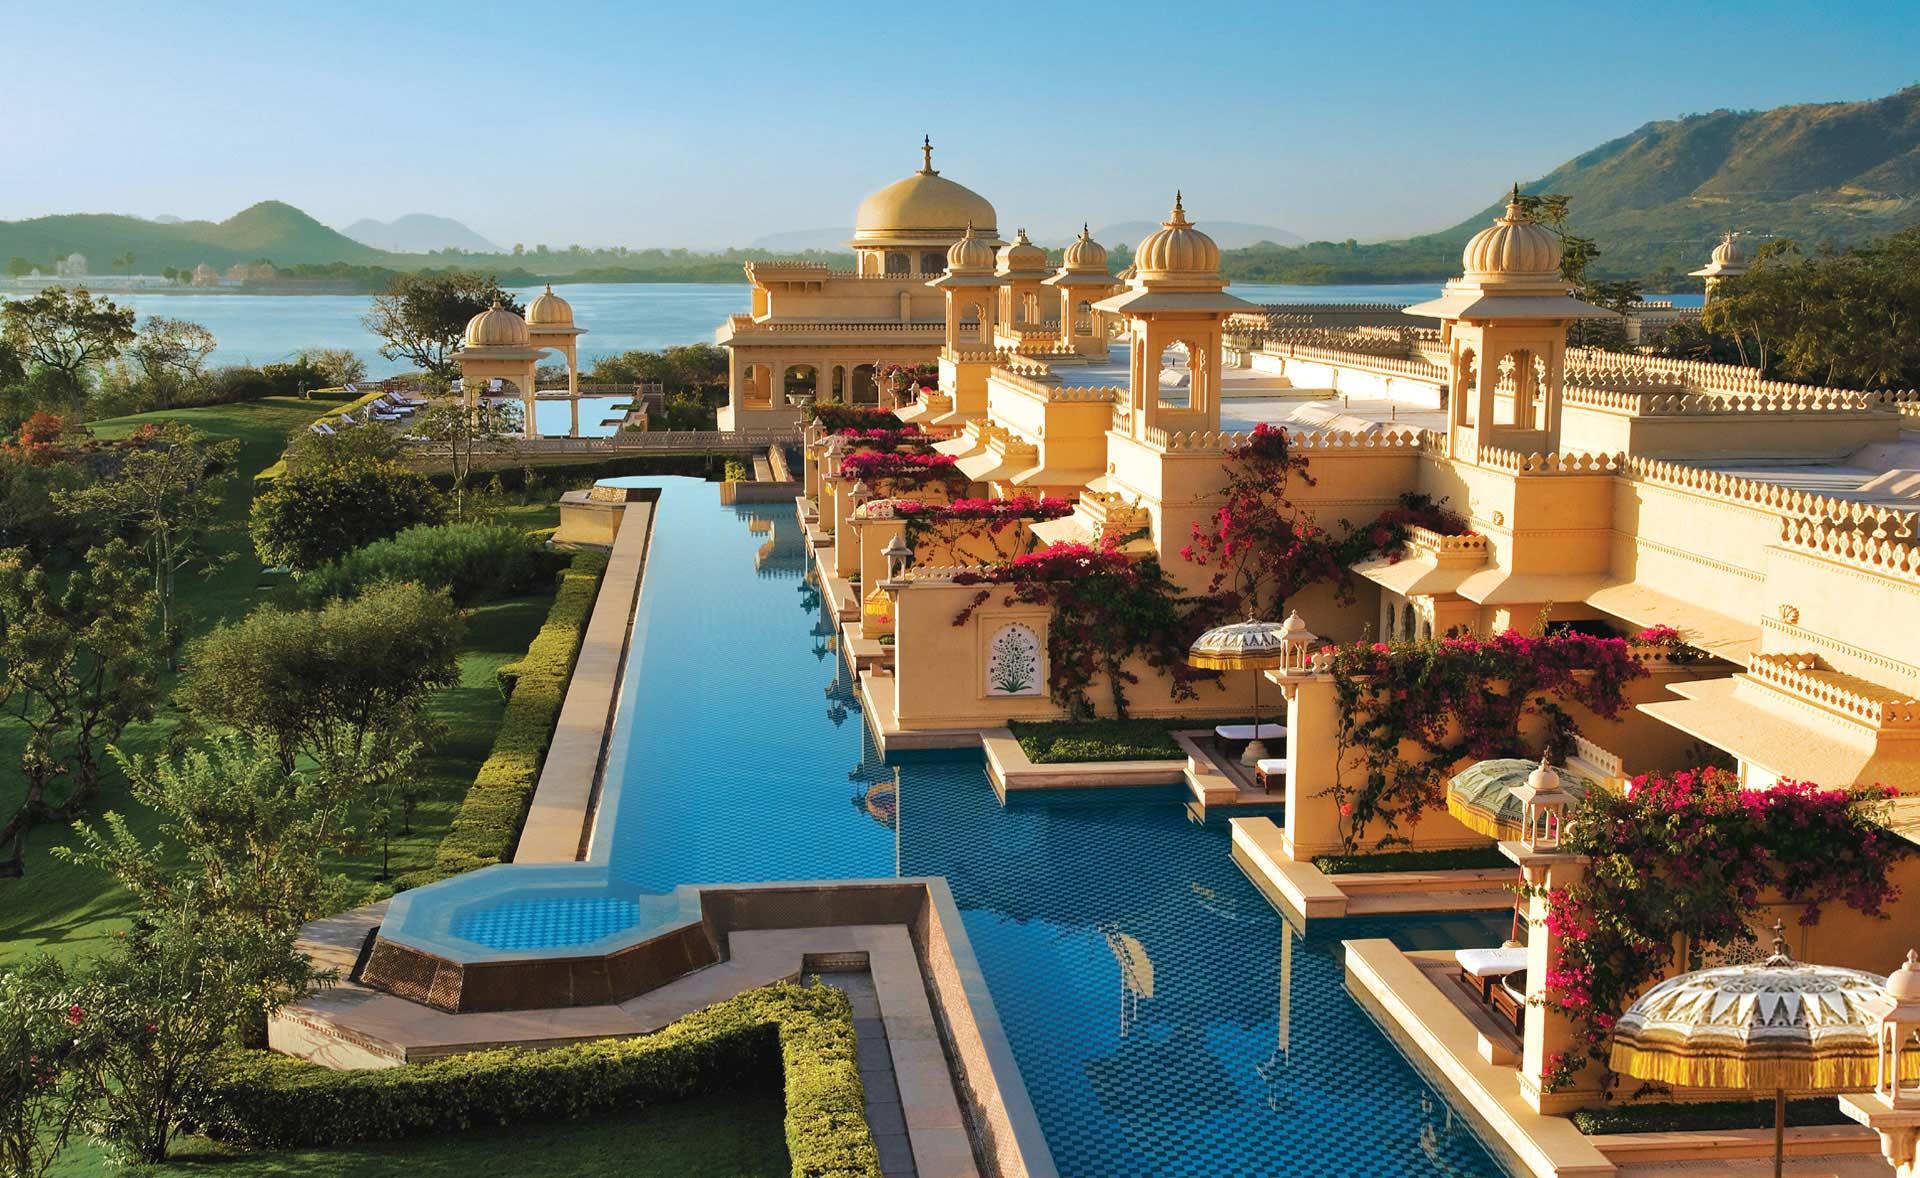 Las piscinas más impresionantes del planeta Attractive_floating_hotel_408471